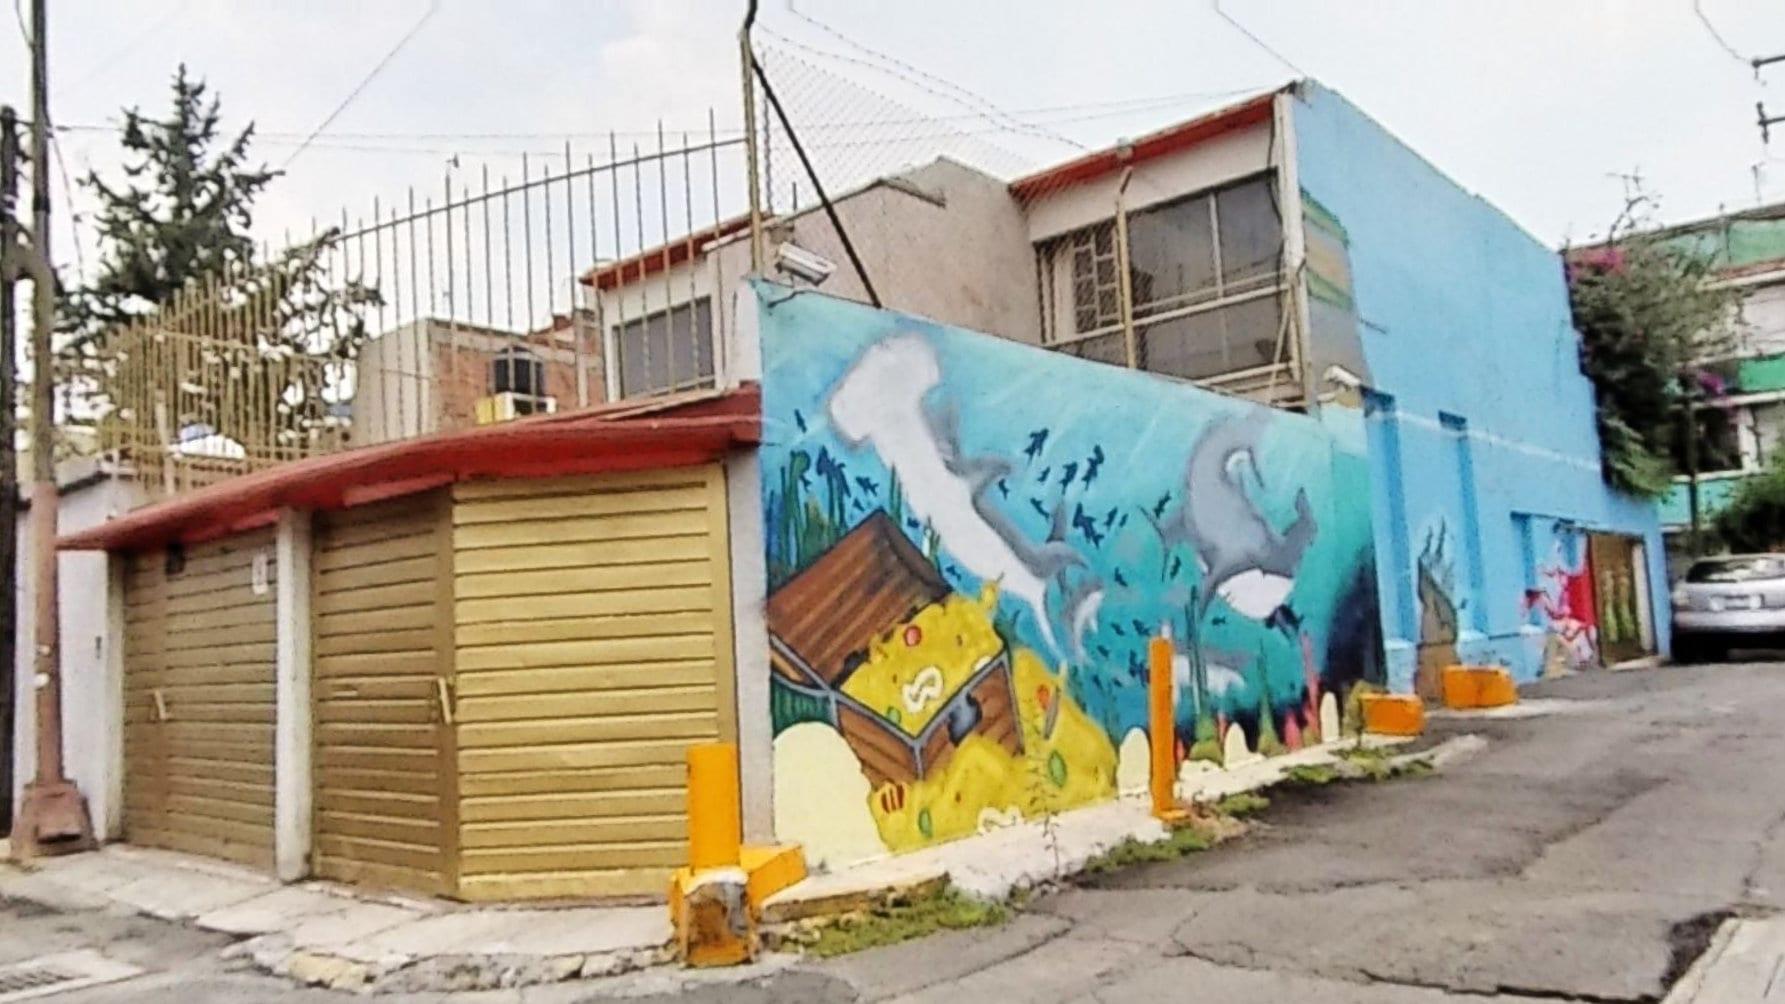 Venta casa 4 recamaras en Río Churubusco y Calzada de la viga. Ubicada en Colonia Unidad Modelo, Alcaldía Iztapalapa, a 5 minutos de Coyoacán